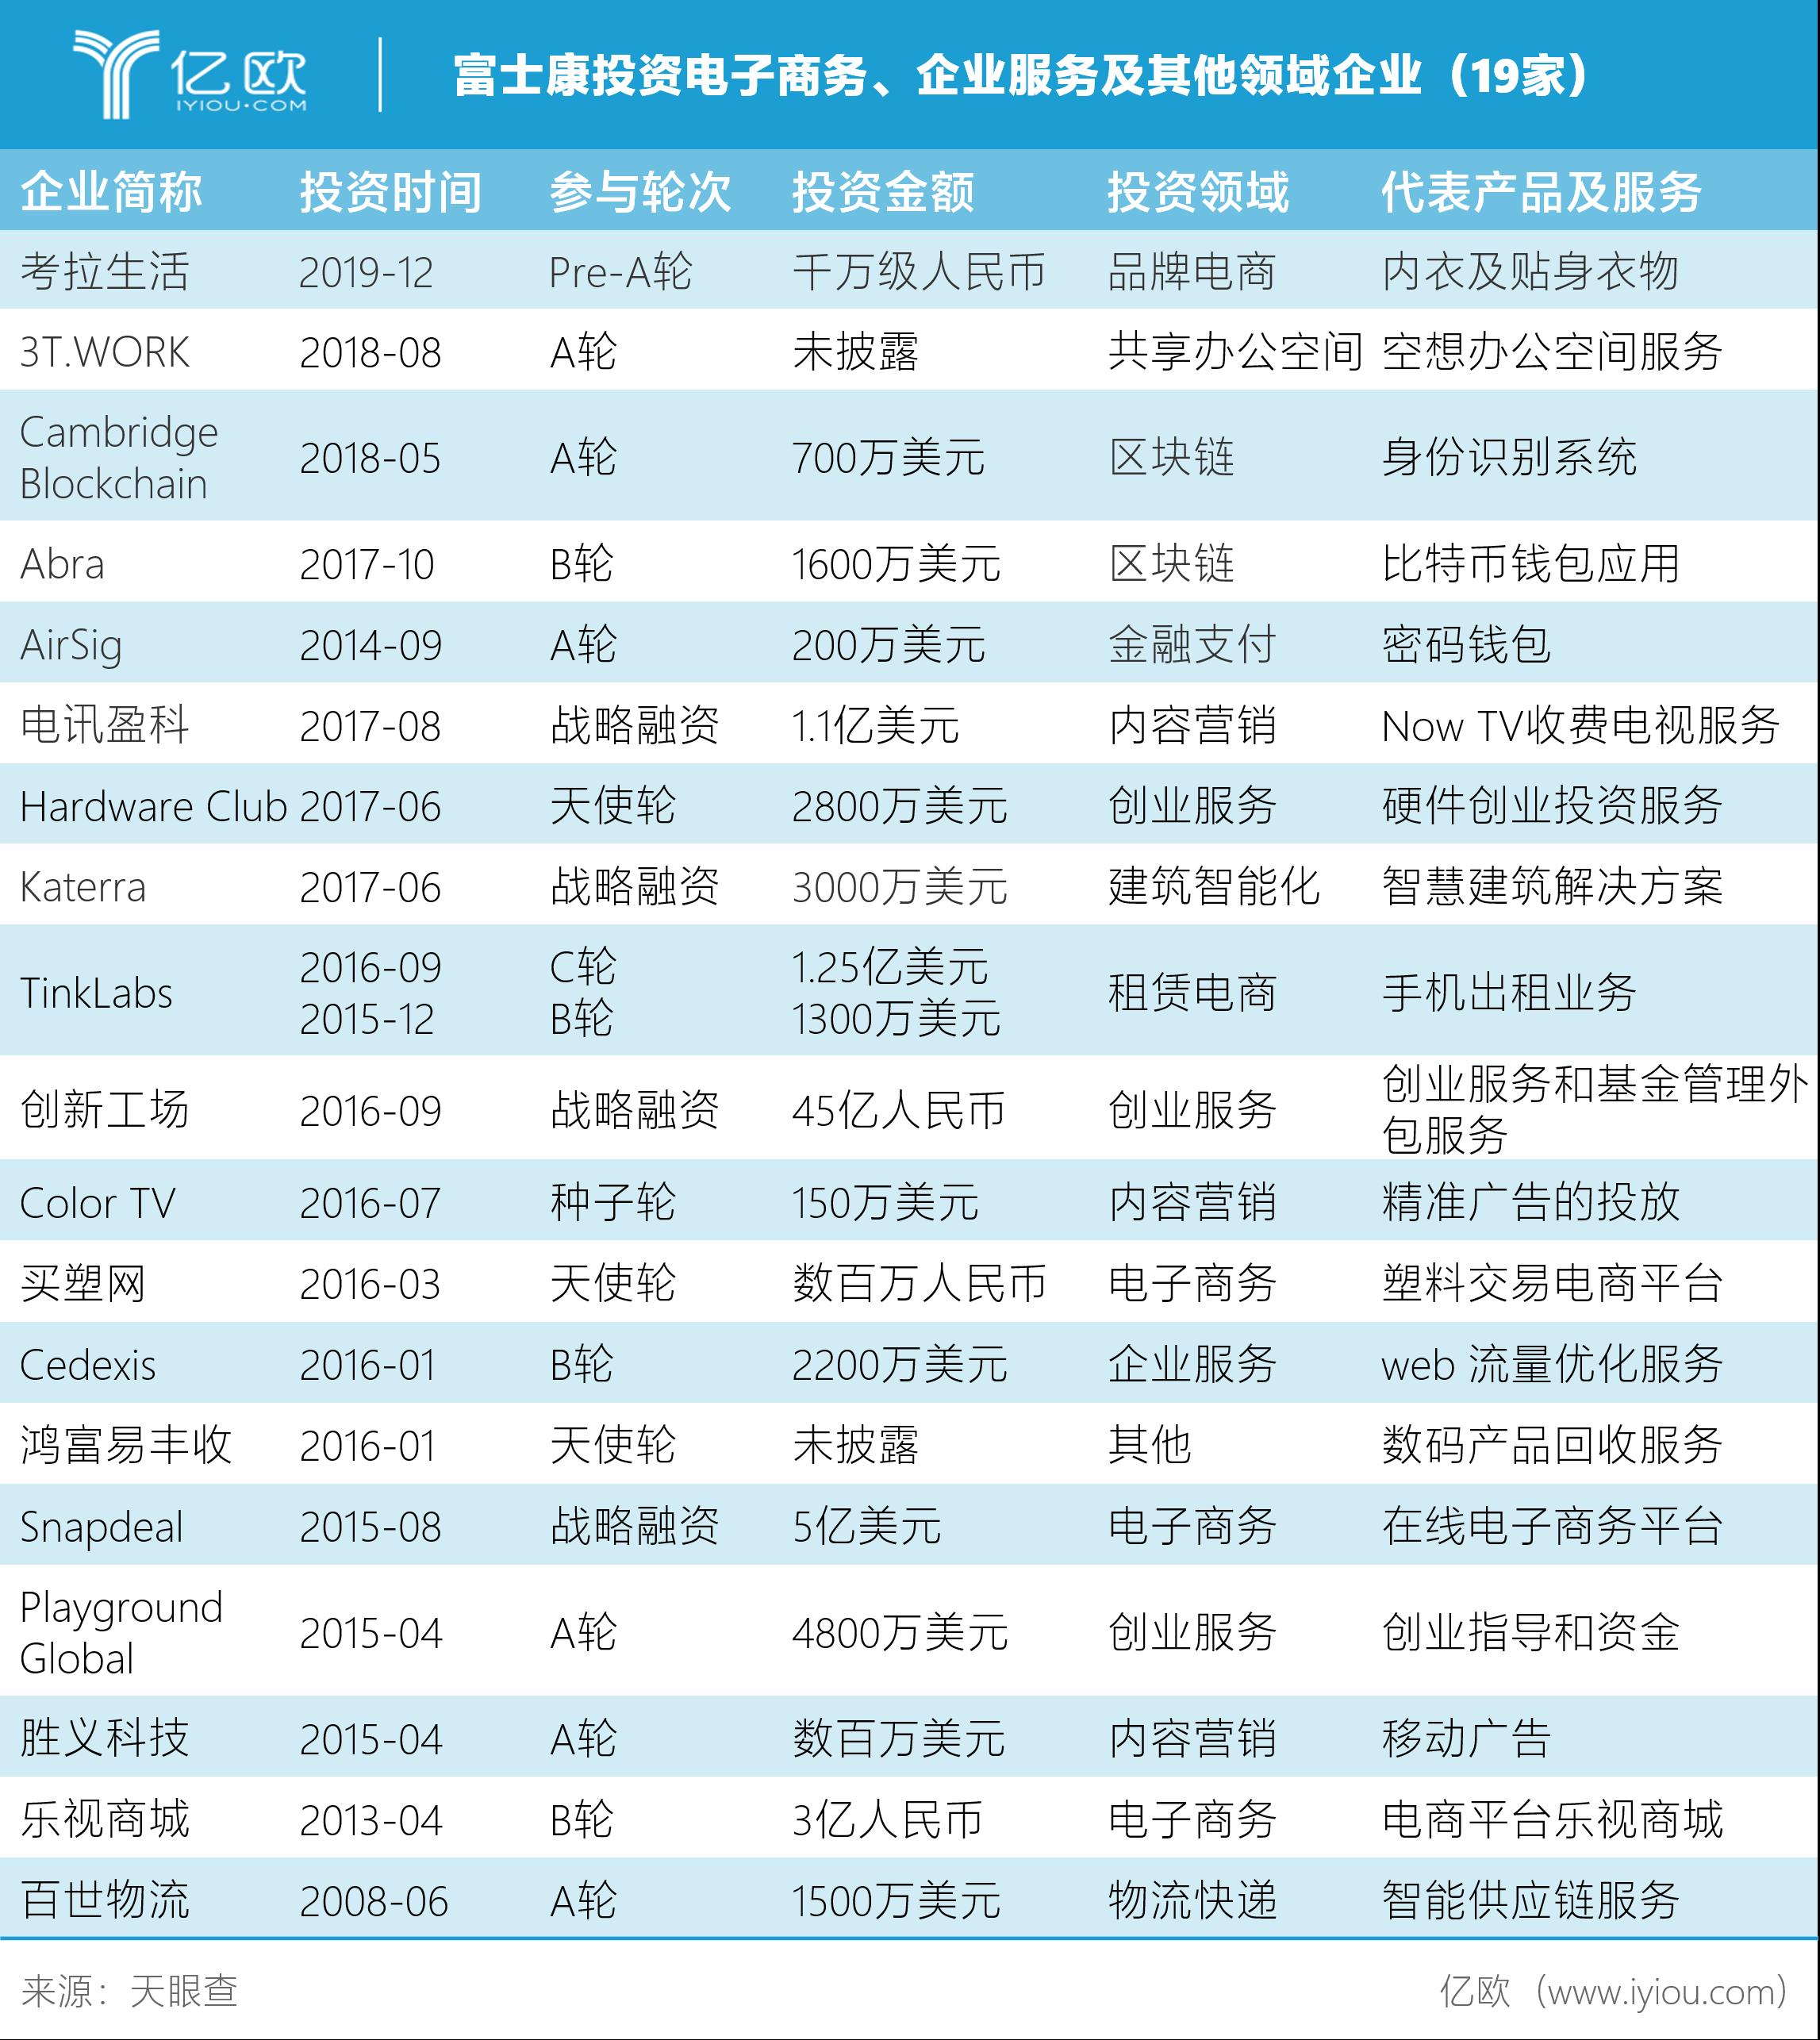 富士康投资电子商务、企业服务及其他四周企业(19家)